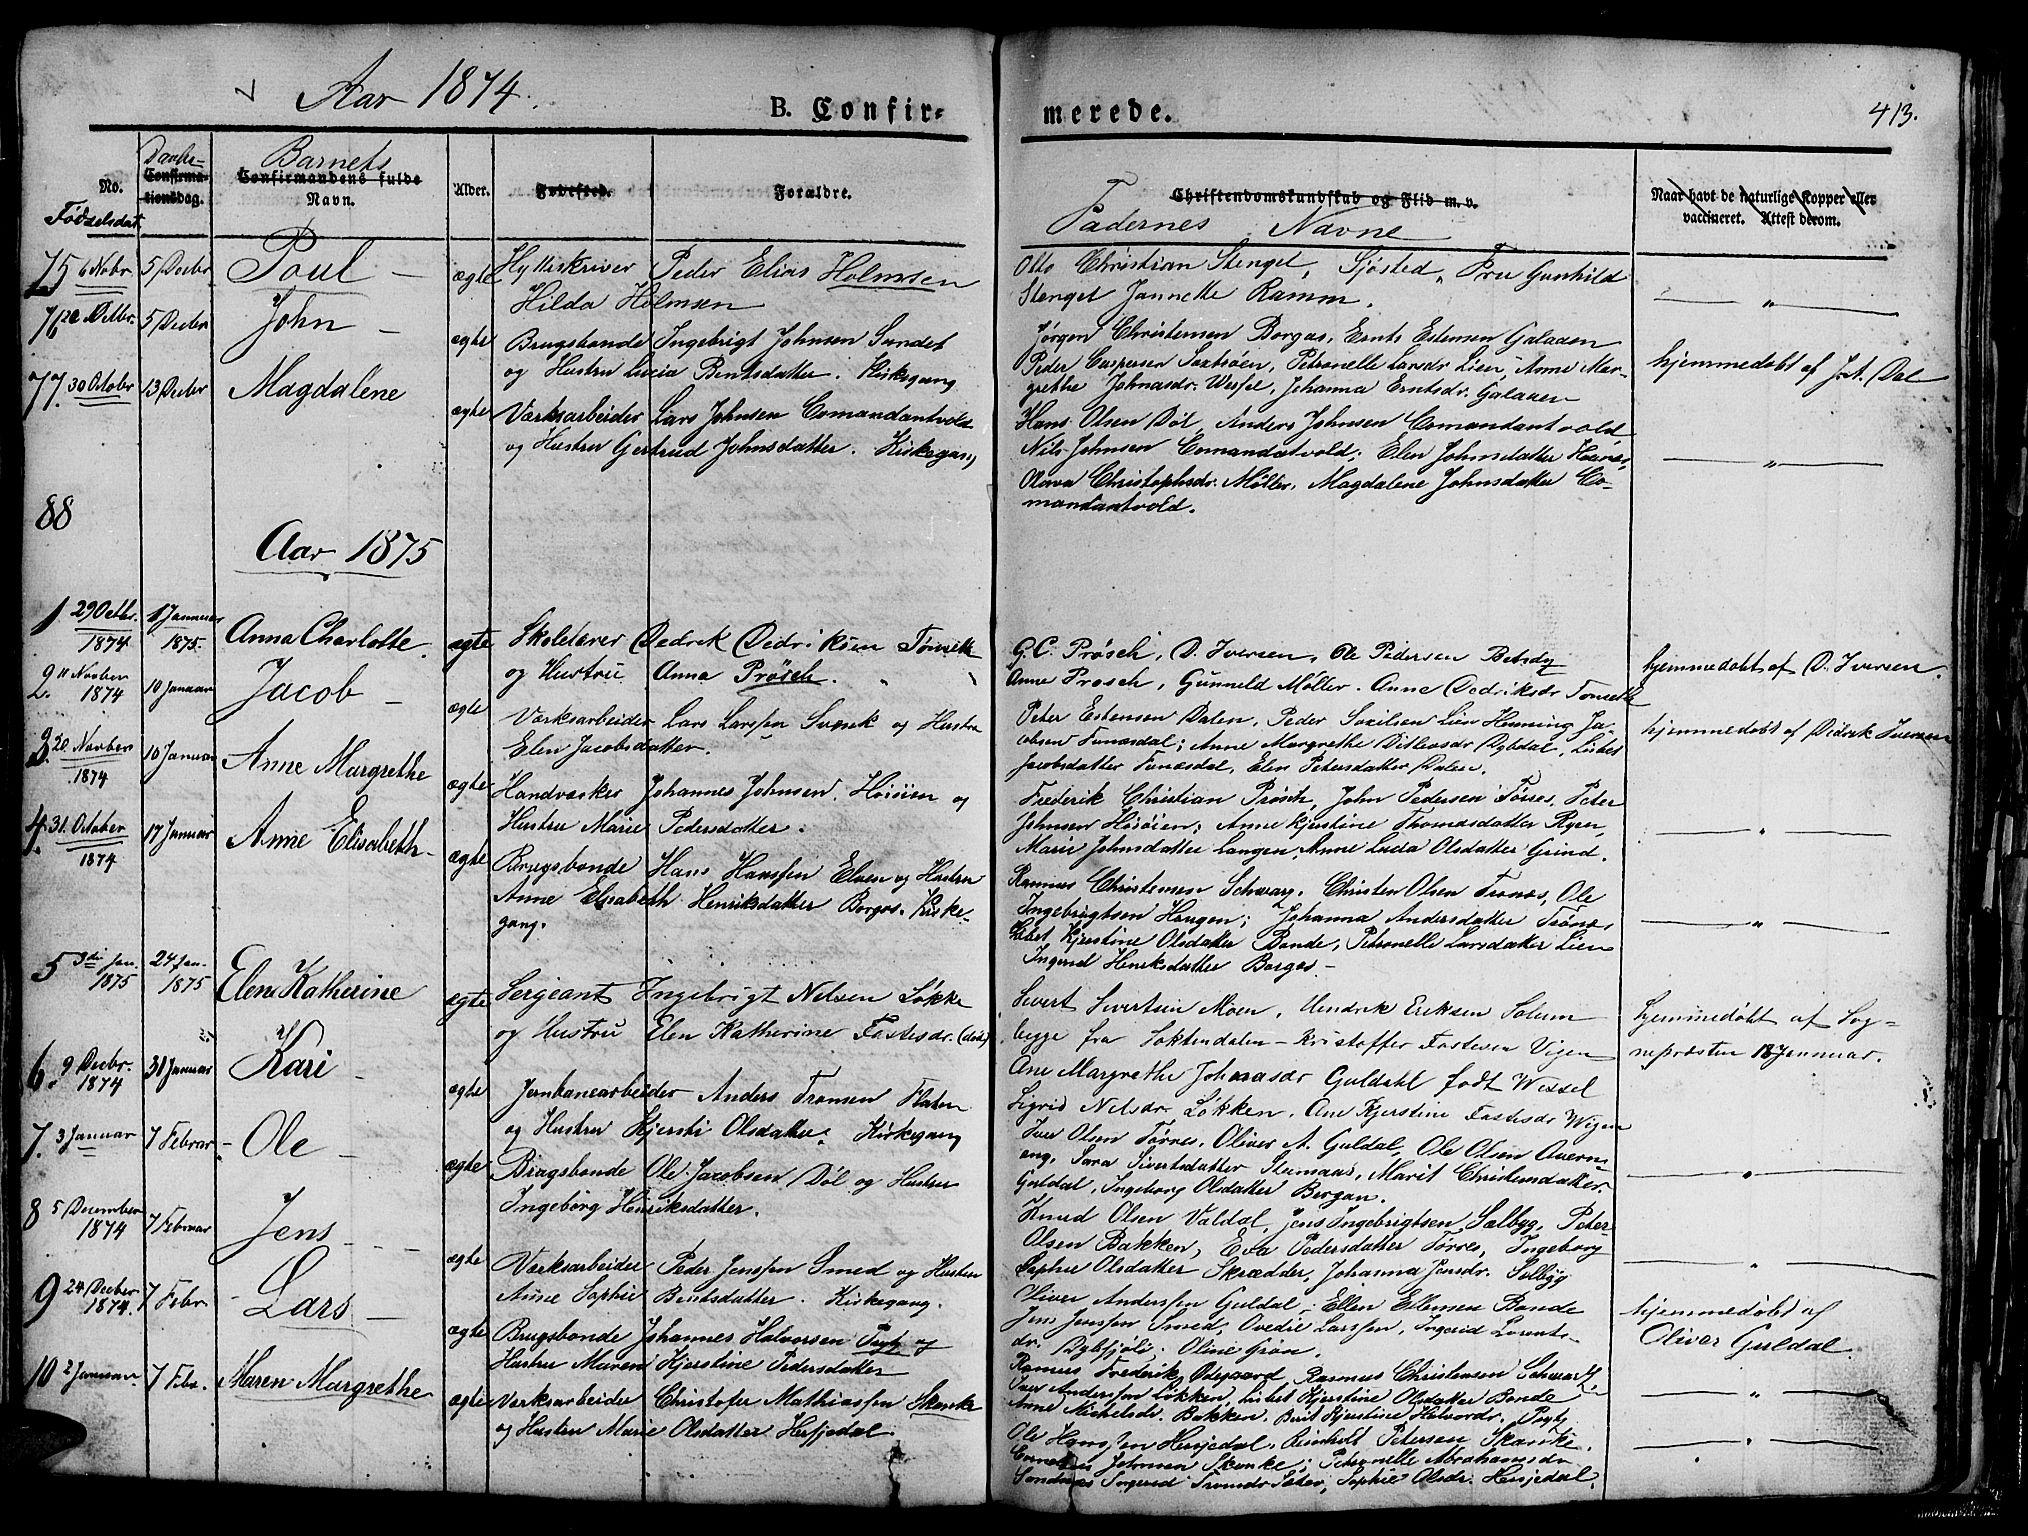 SAT, Ministerialprotokoller, klokkerbøker og fødselsregistre - Sør-Trøndelag, 681/L0938: Klokkerbok nr. 681C02, 1829-1879, s. 413